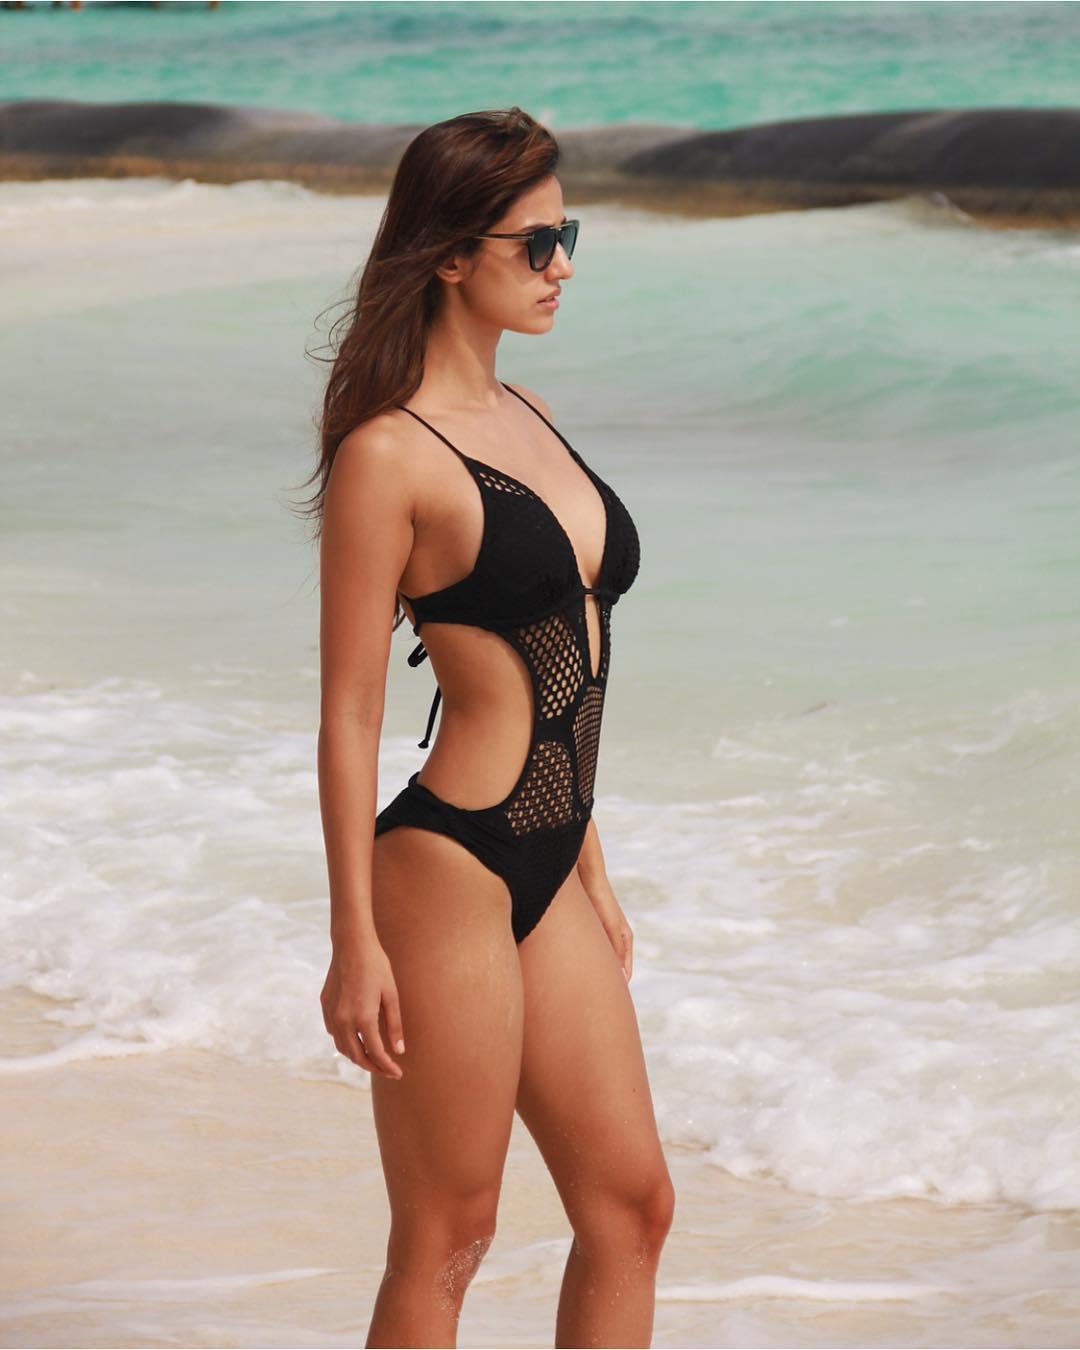 Disha Patani in black bikini